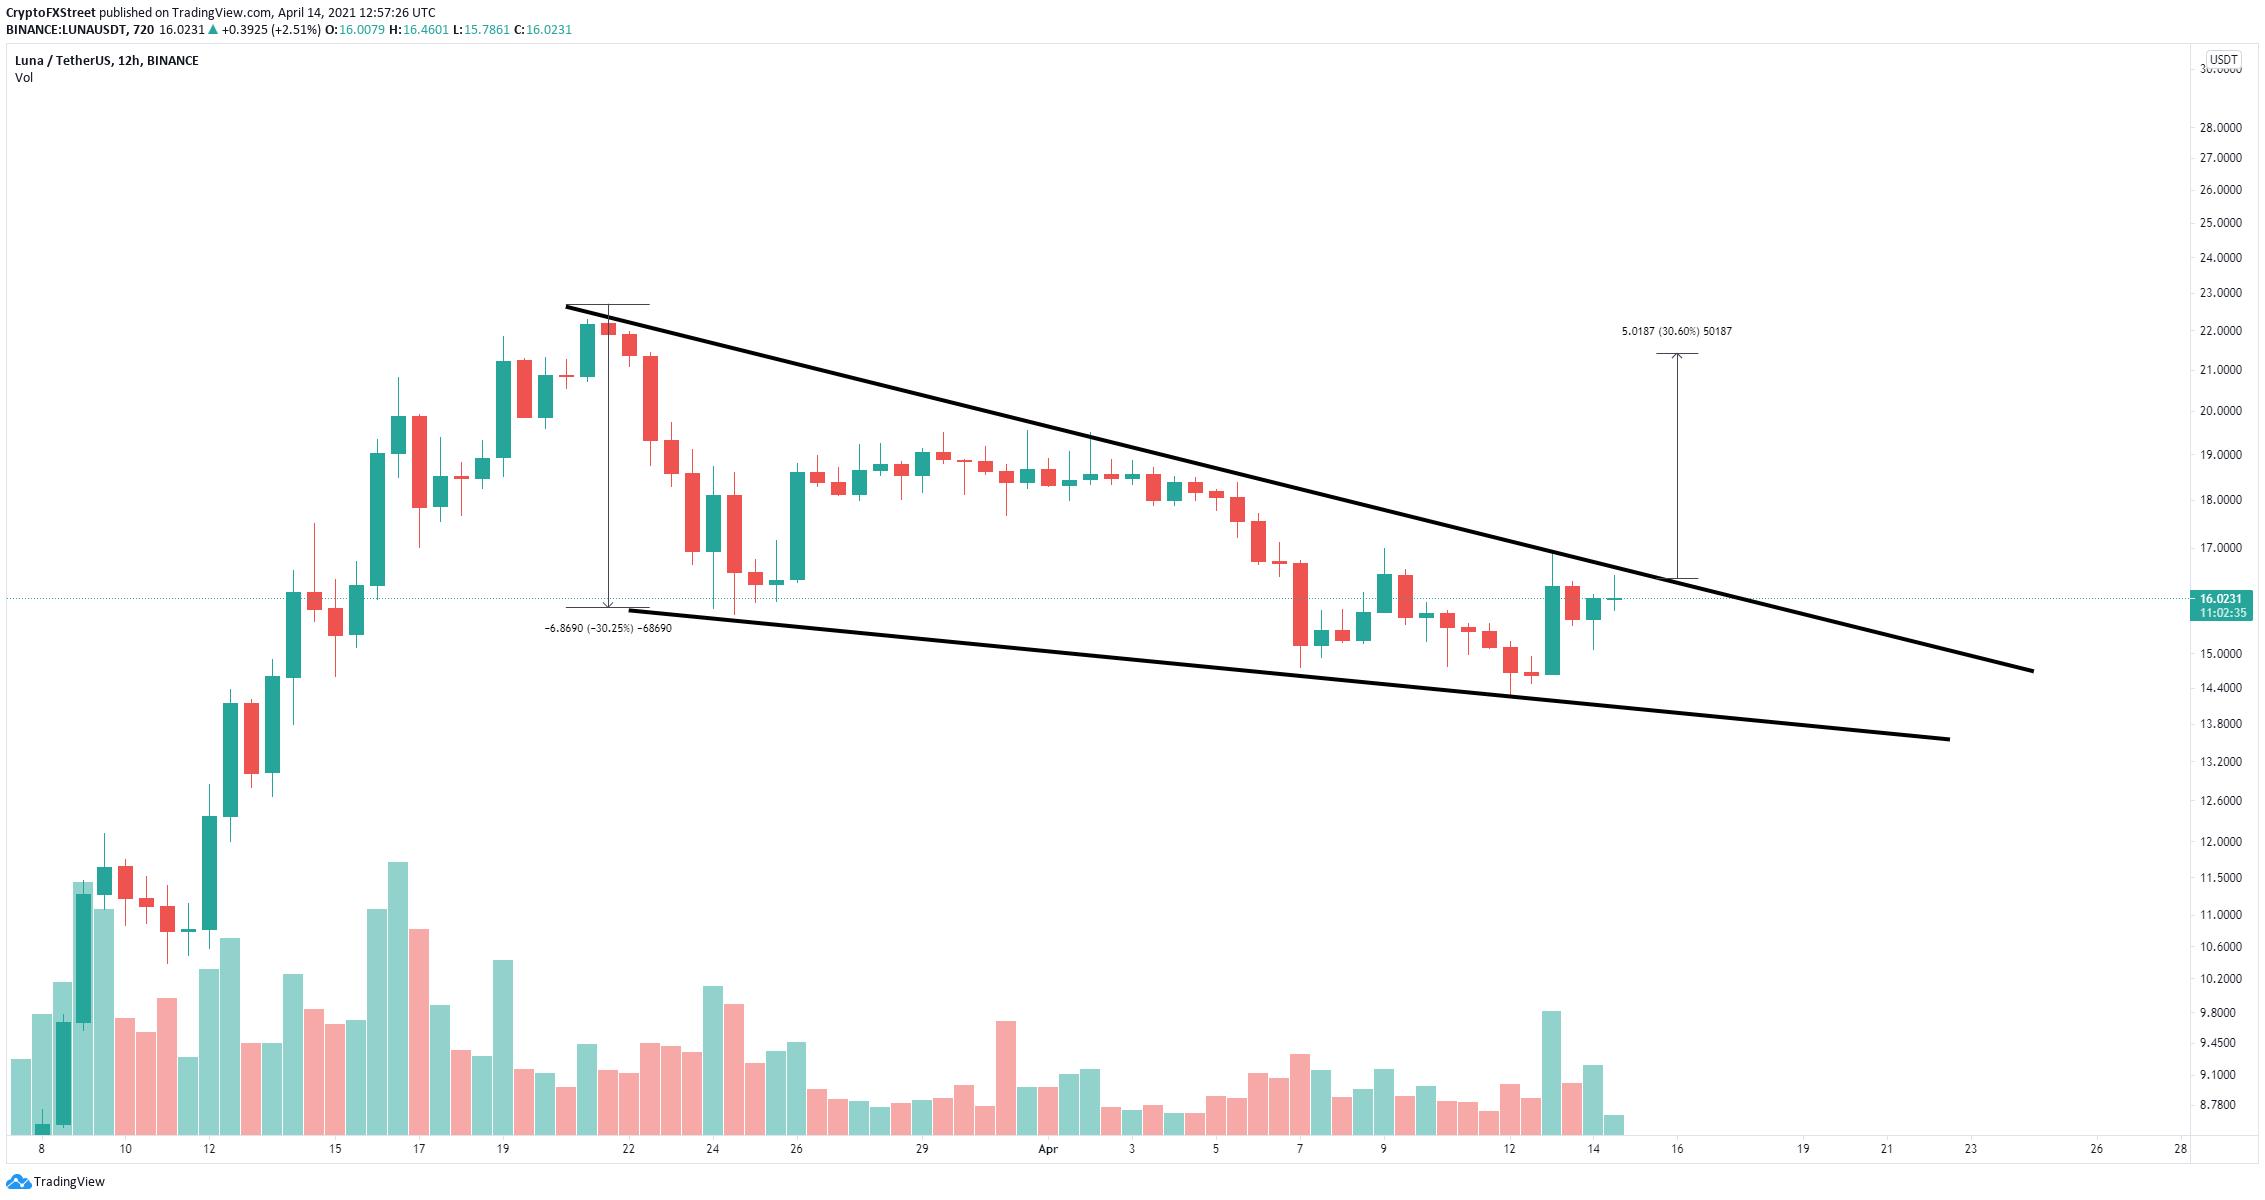 luna price